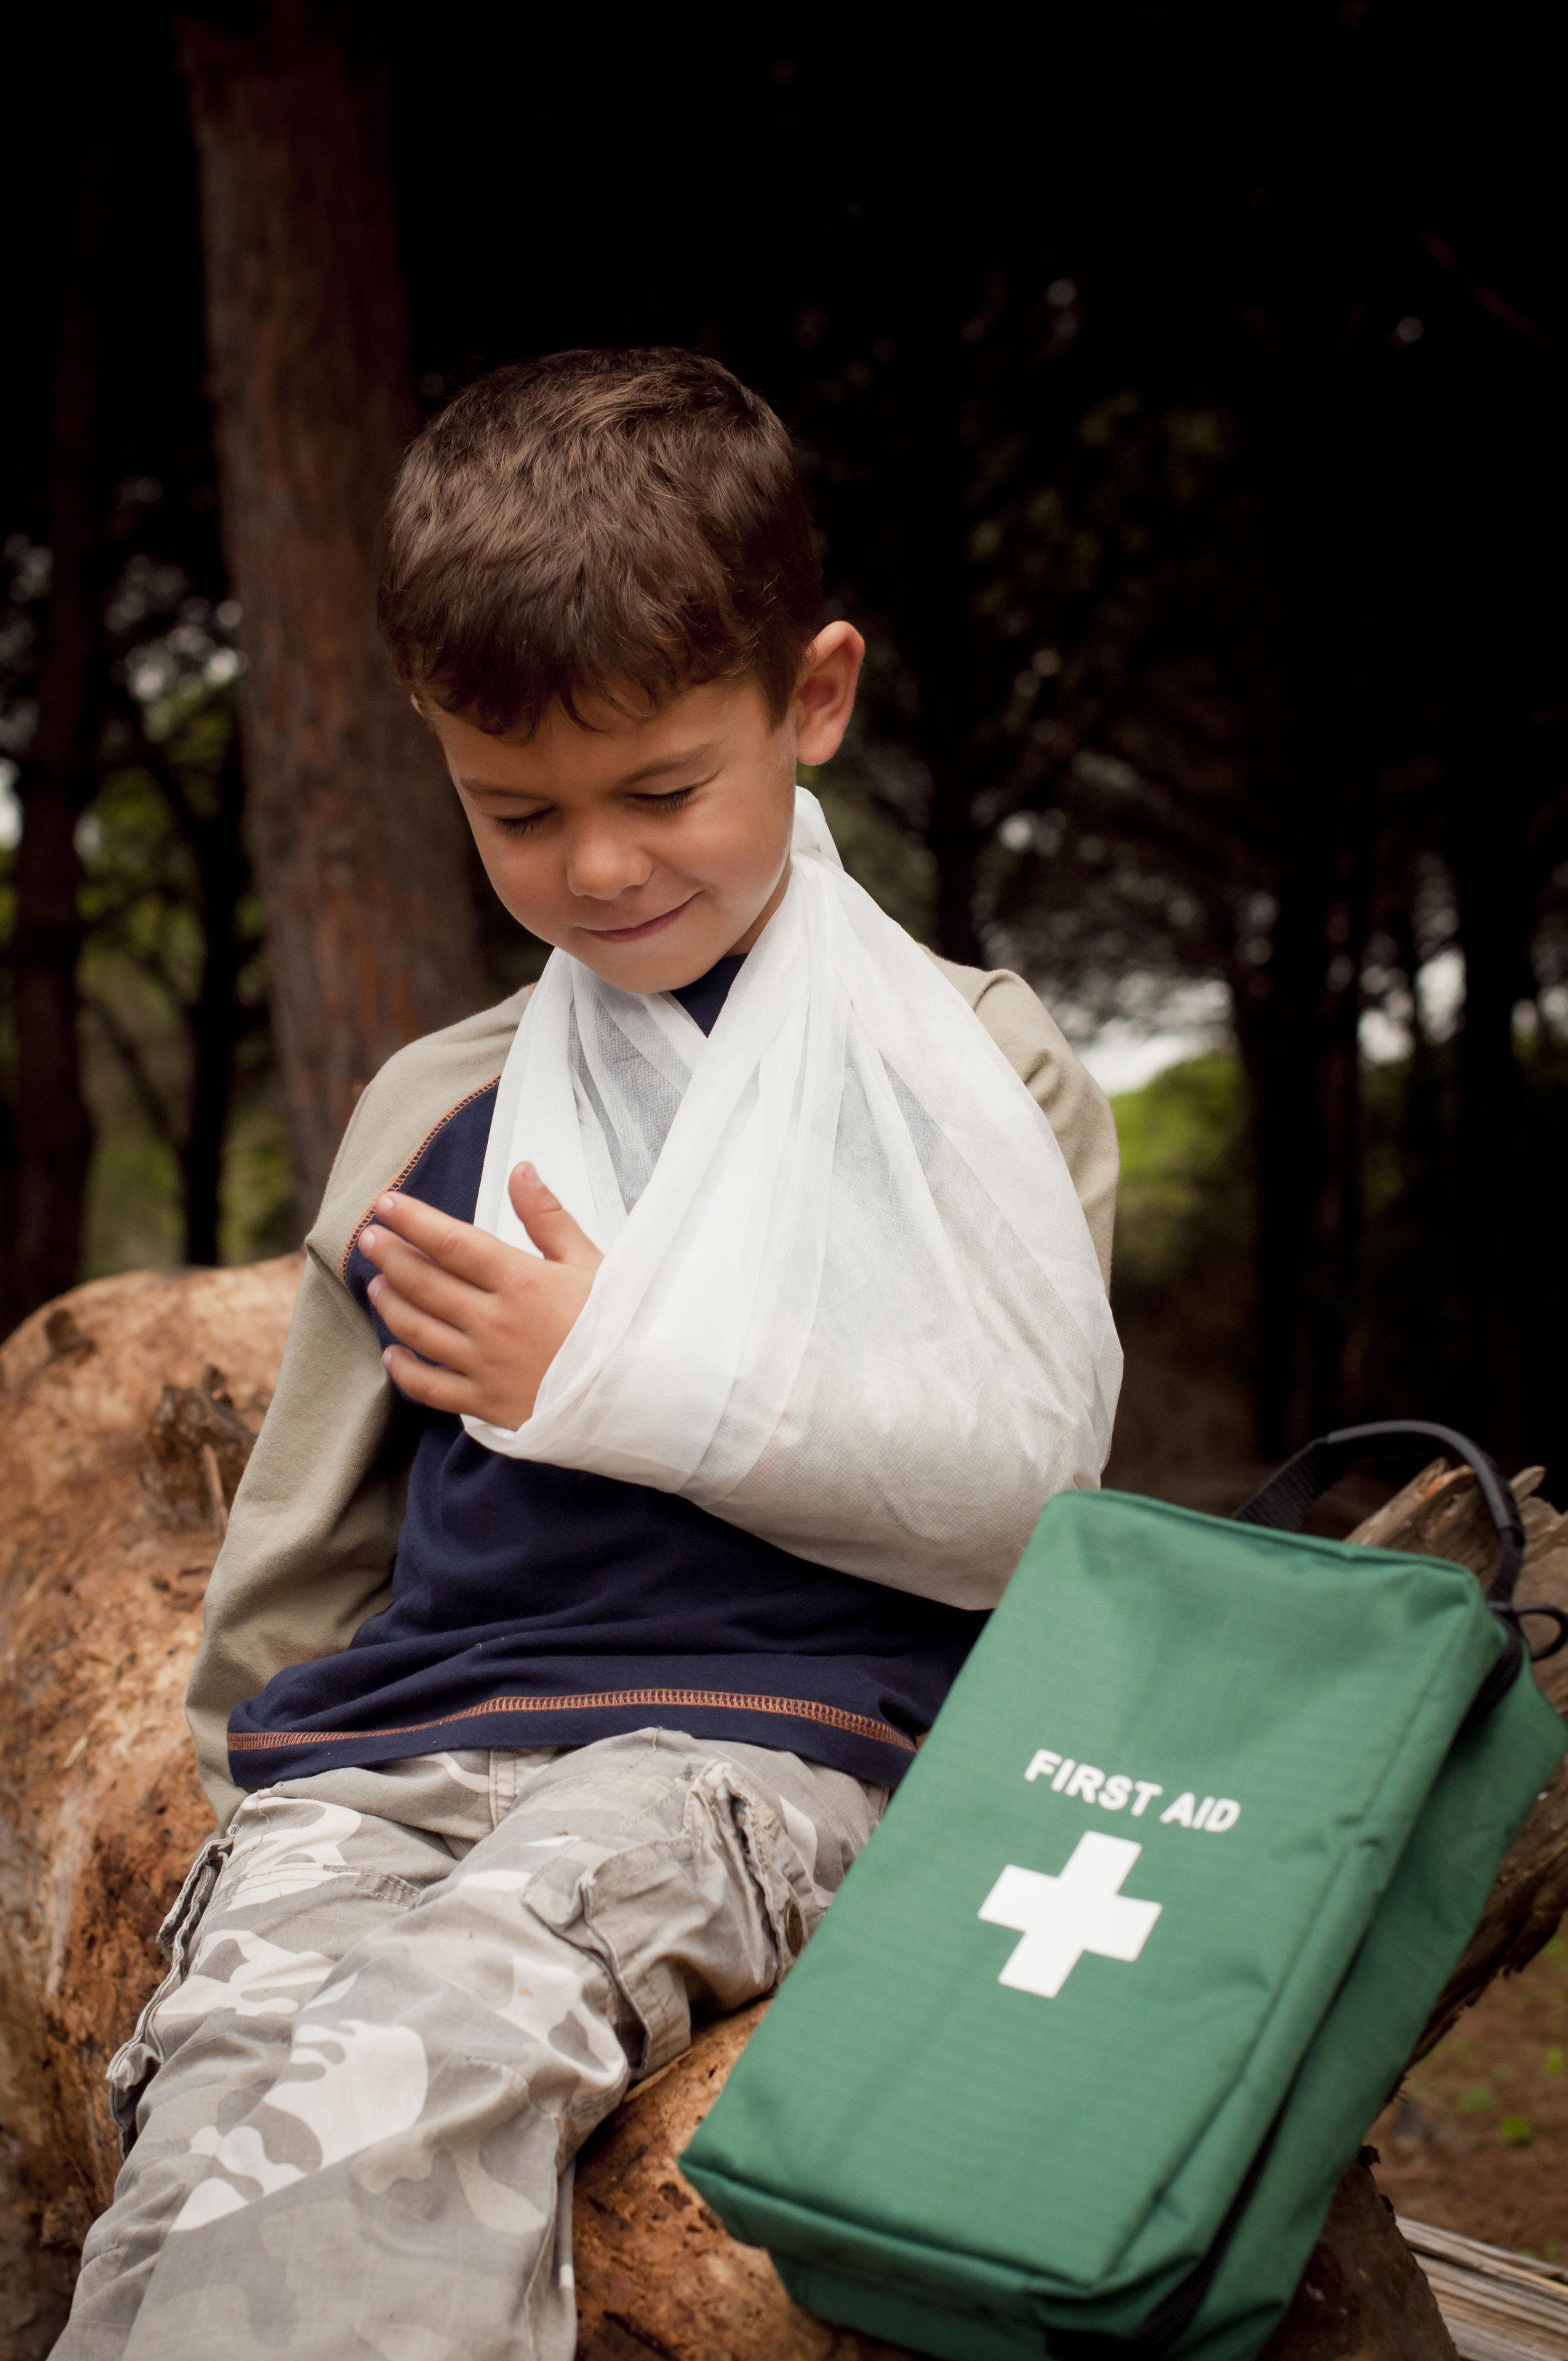 PaediatricFirst Aid -